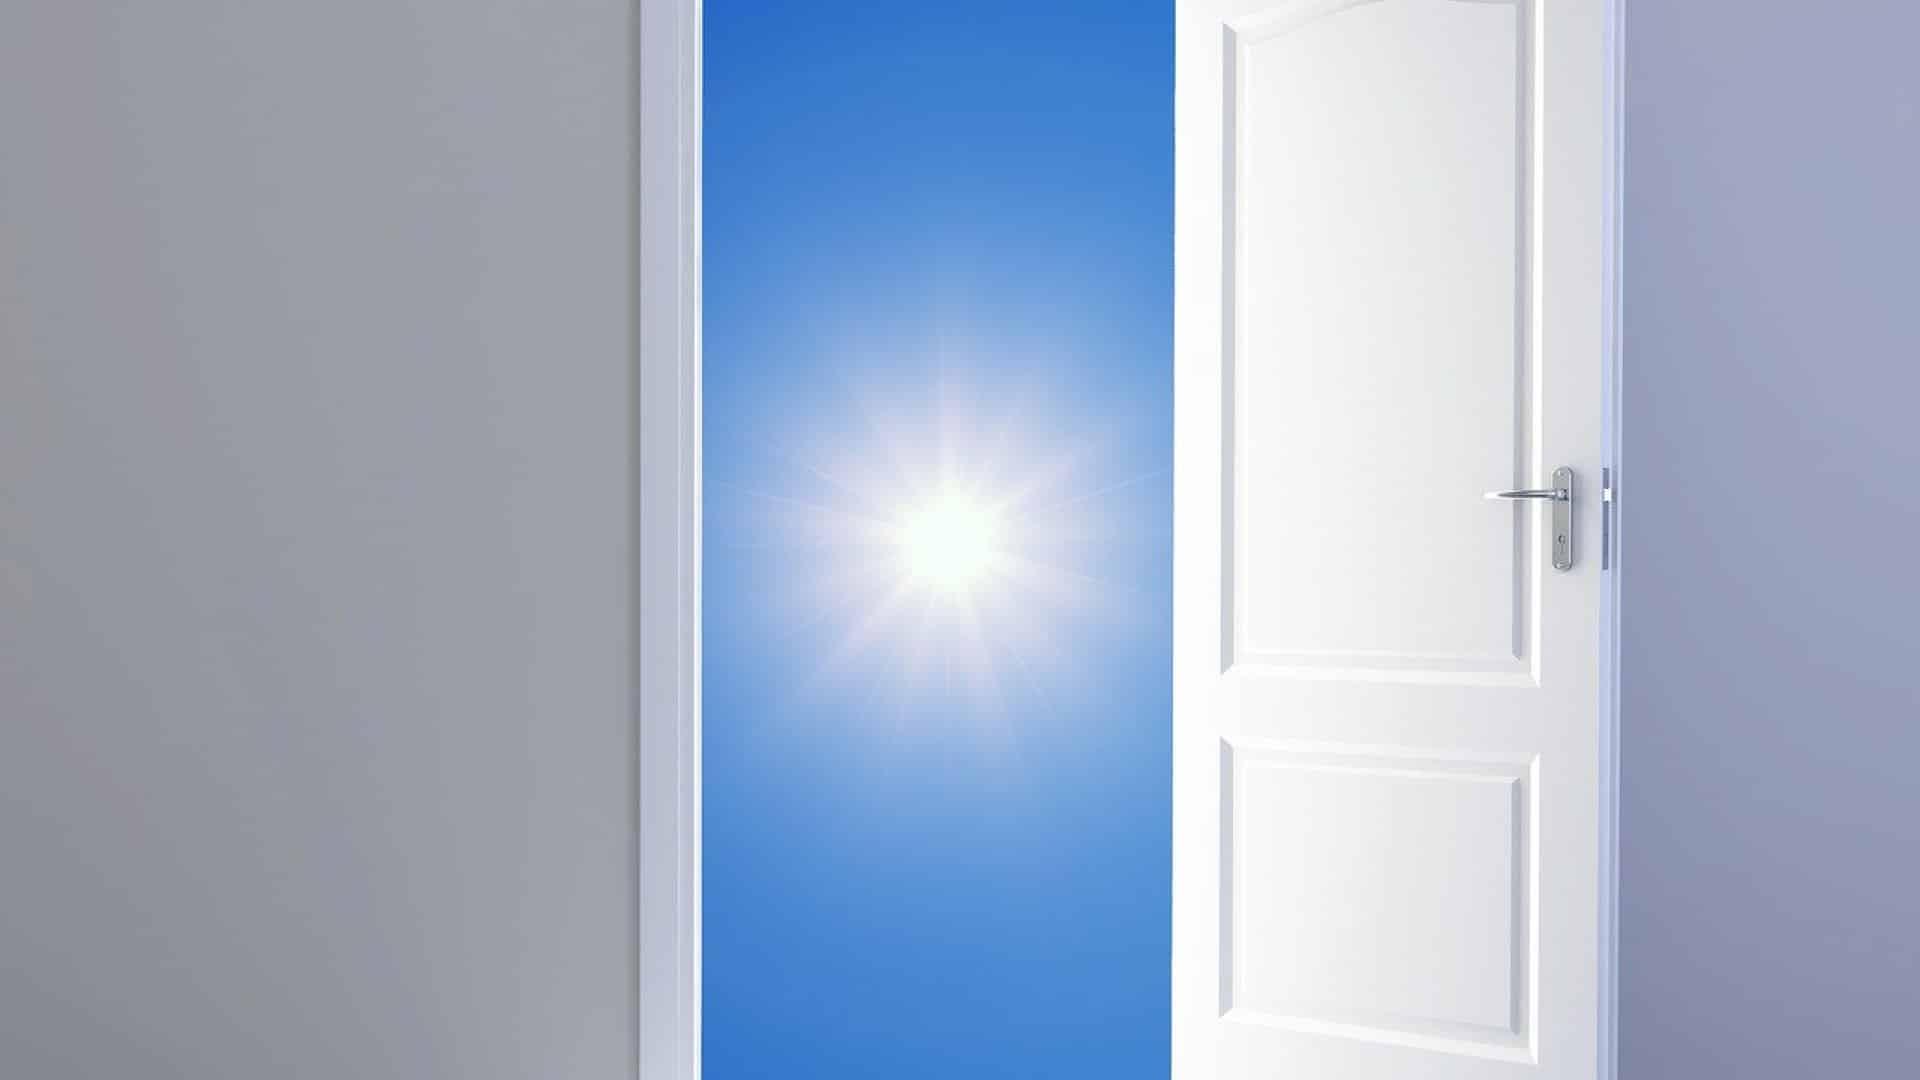 Comment choisir une porte d'intérieur ?